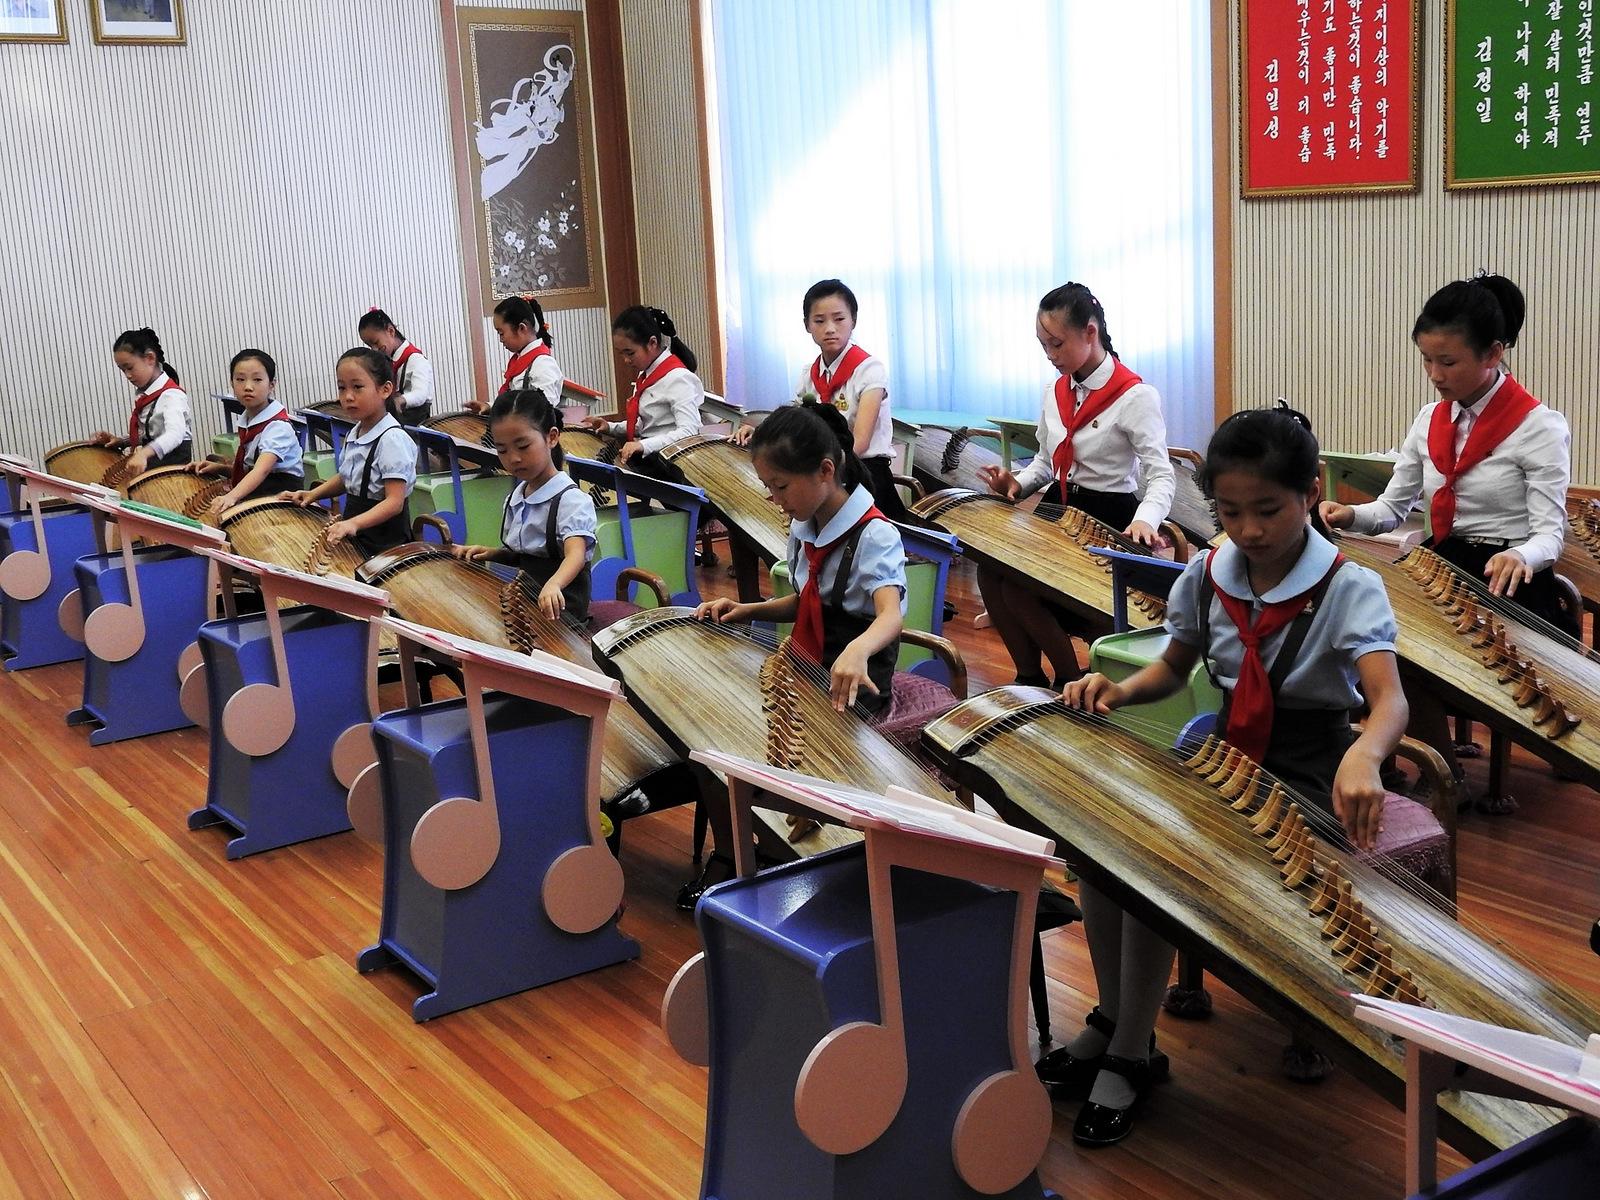 Μαθαίνοντας το παραδοσιακό κορεατικό μουσικό όργανο Kayagun.